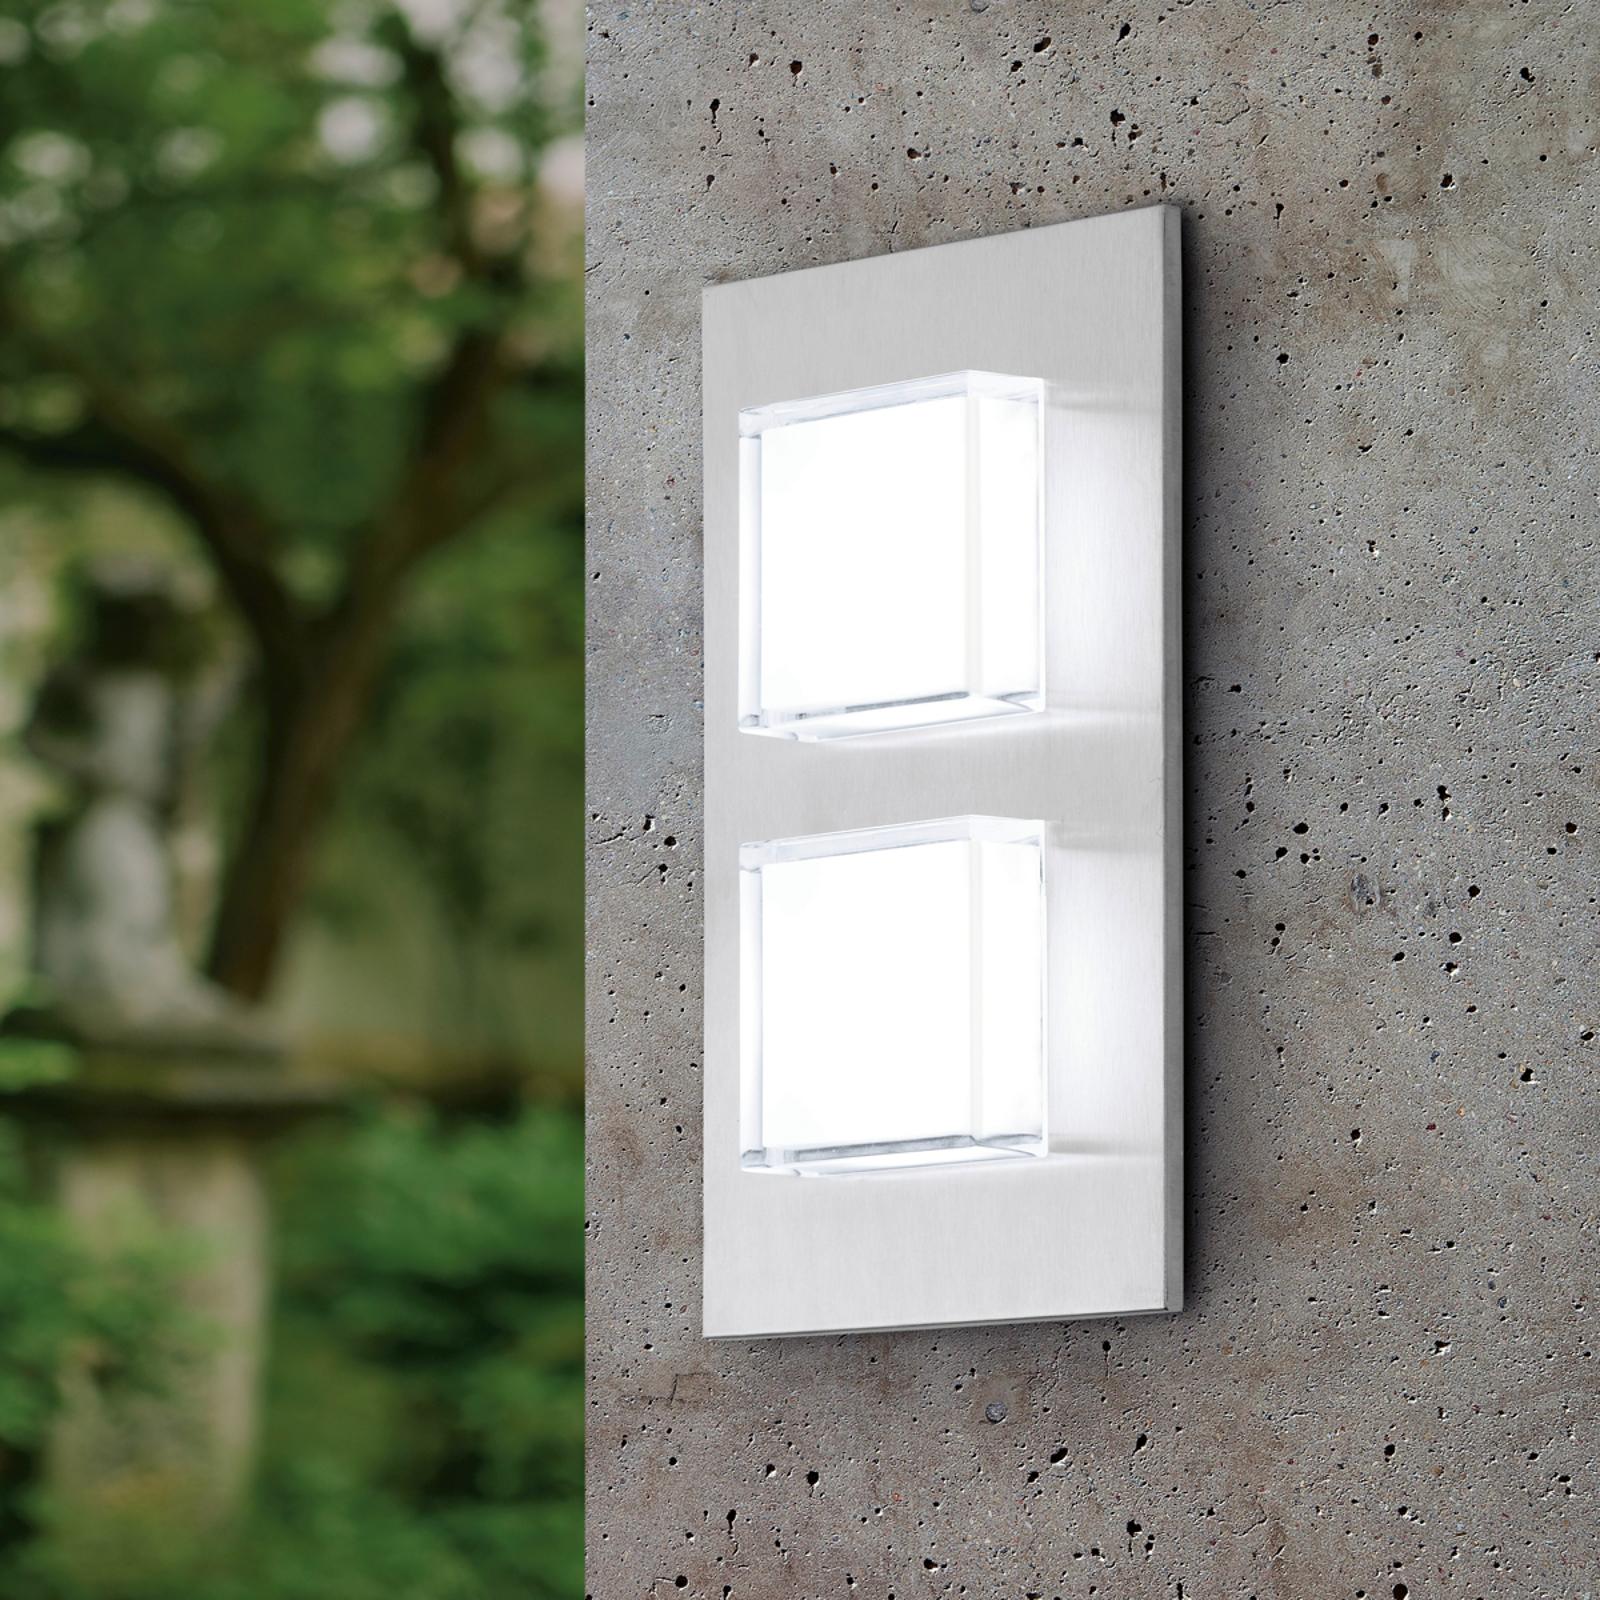 Pias LED Outside Wall Light Two Bulbs_3000503_1